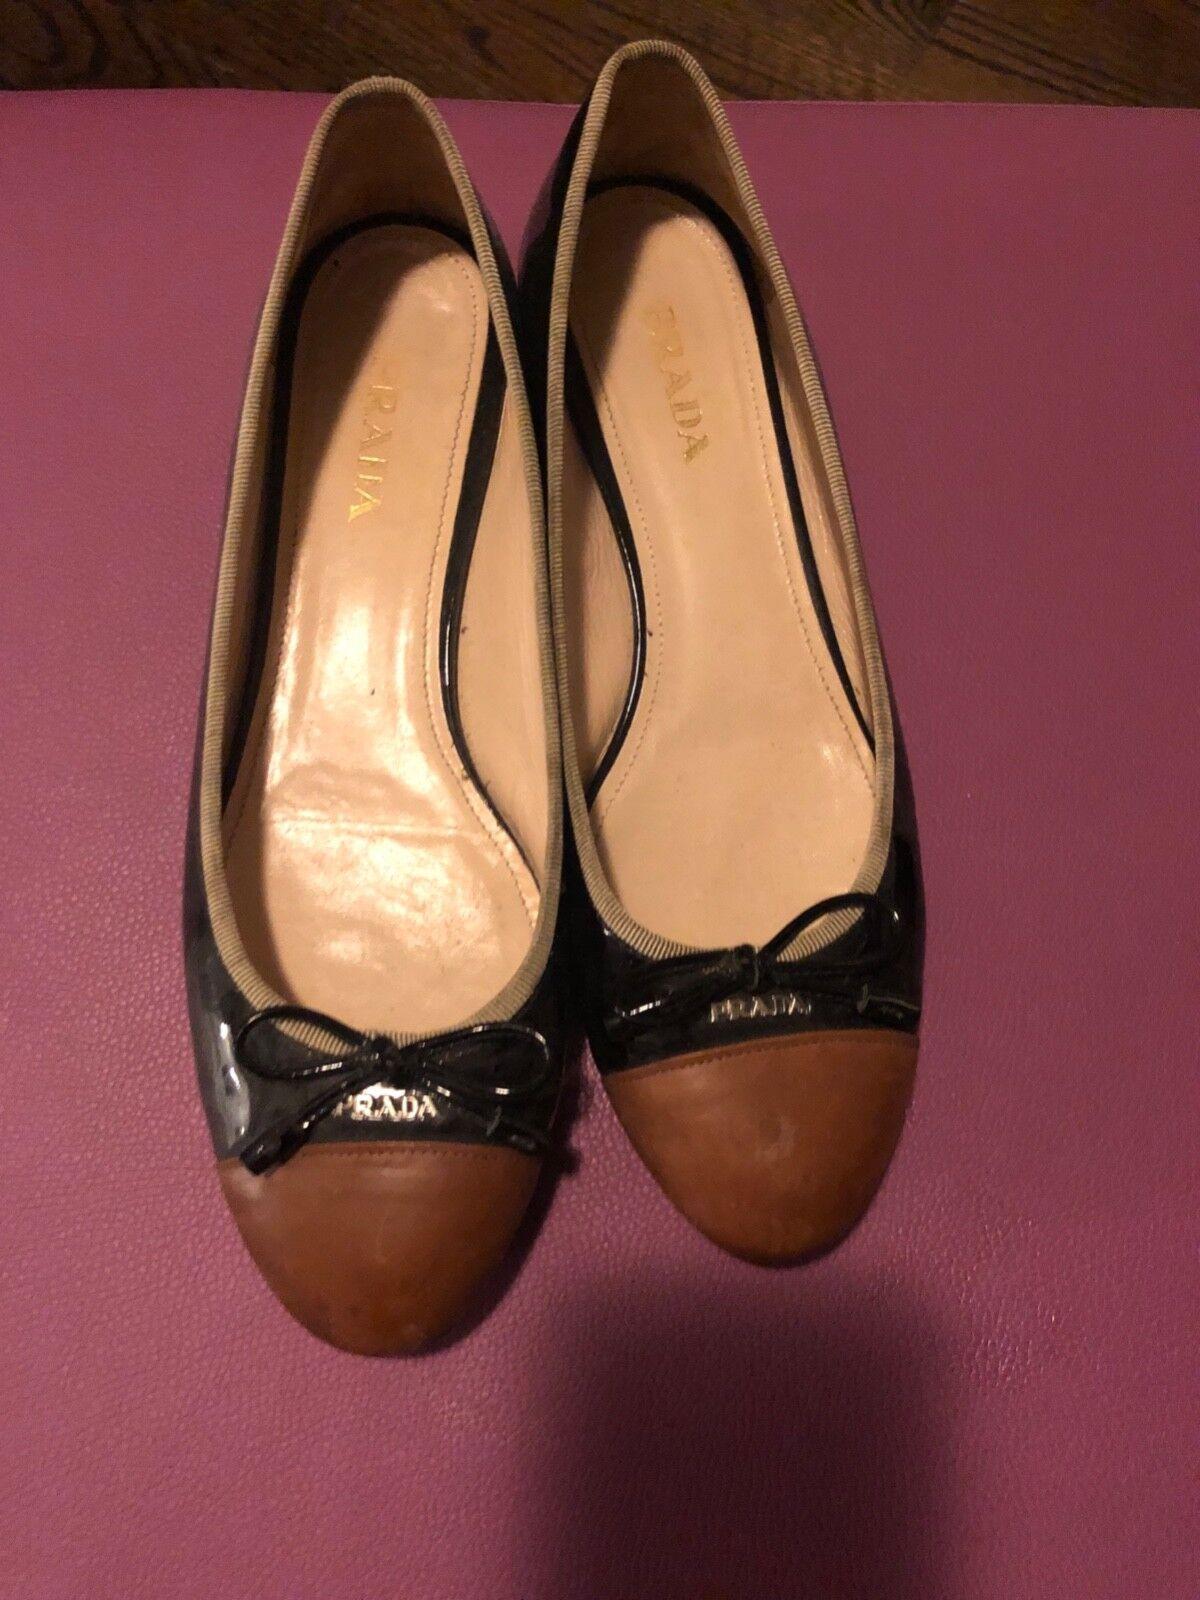 Auténtico En Prada Ballet Zapatos sin Taco Sin En Auténtico Excelentes Condiciones Talla 39.5 be7725